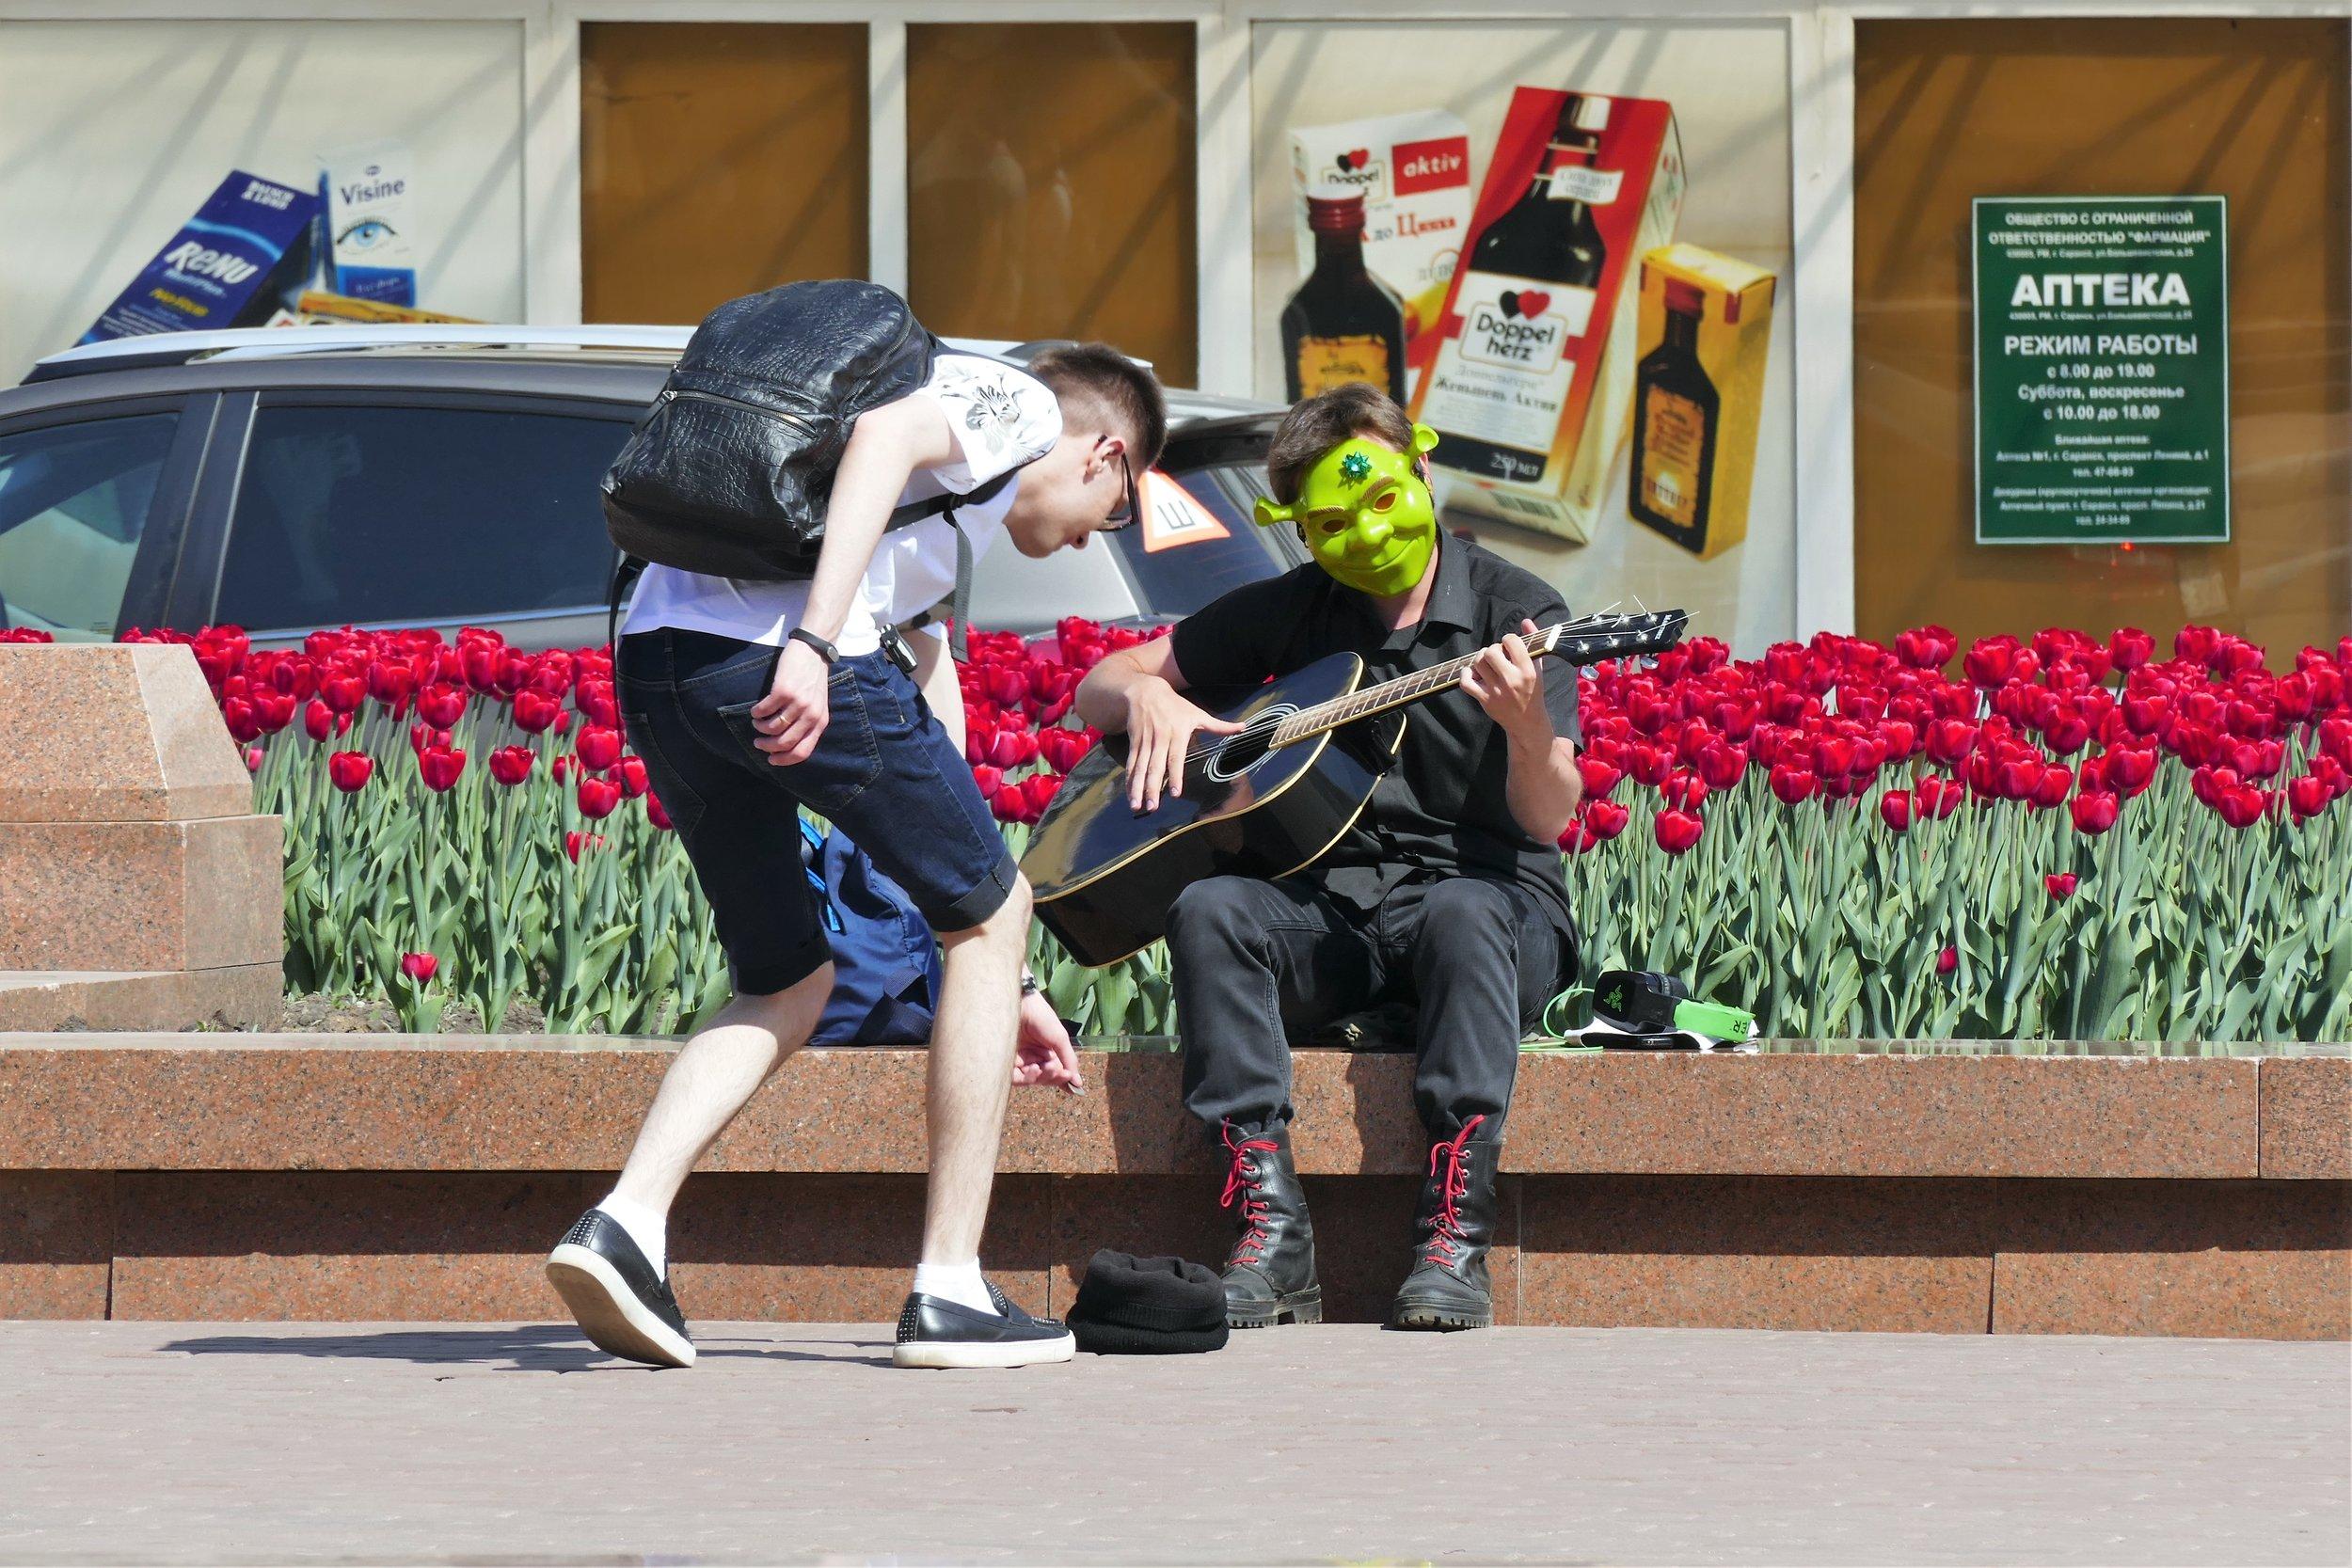 Alexandre, son masque de Schrek et sa guitare, seul salut de Saransk ?